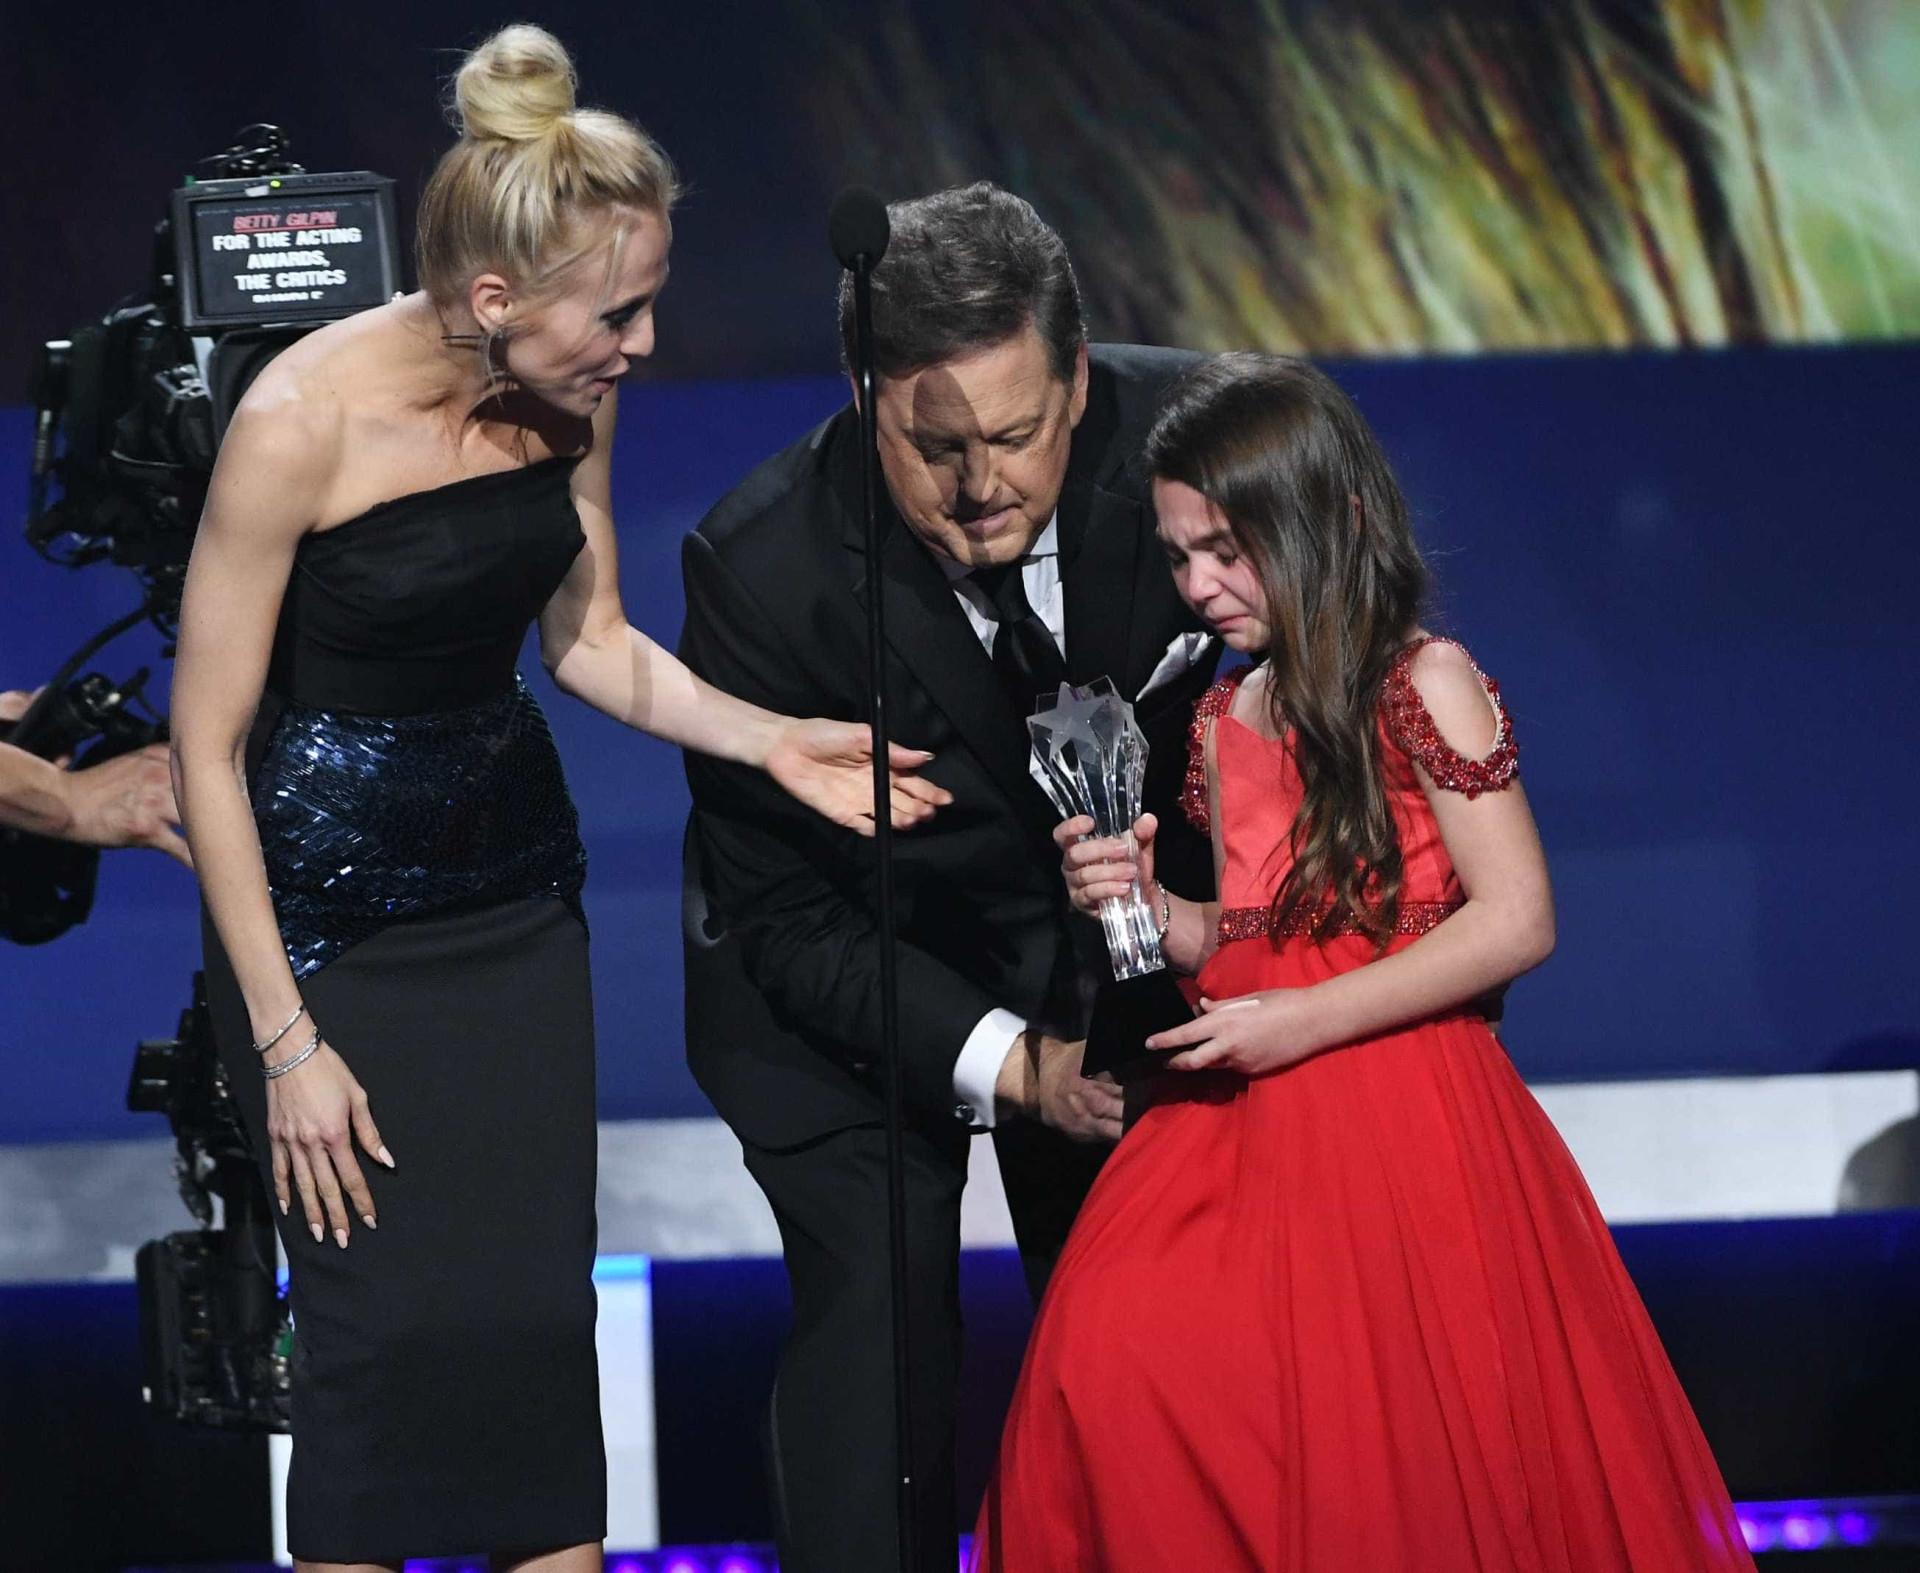 Em lágrimas, atriz de sete anos recebe prémio e deixa plateia comovida